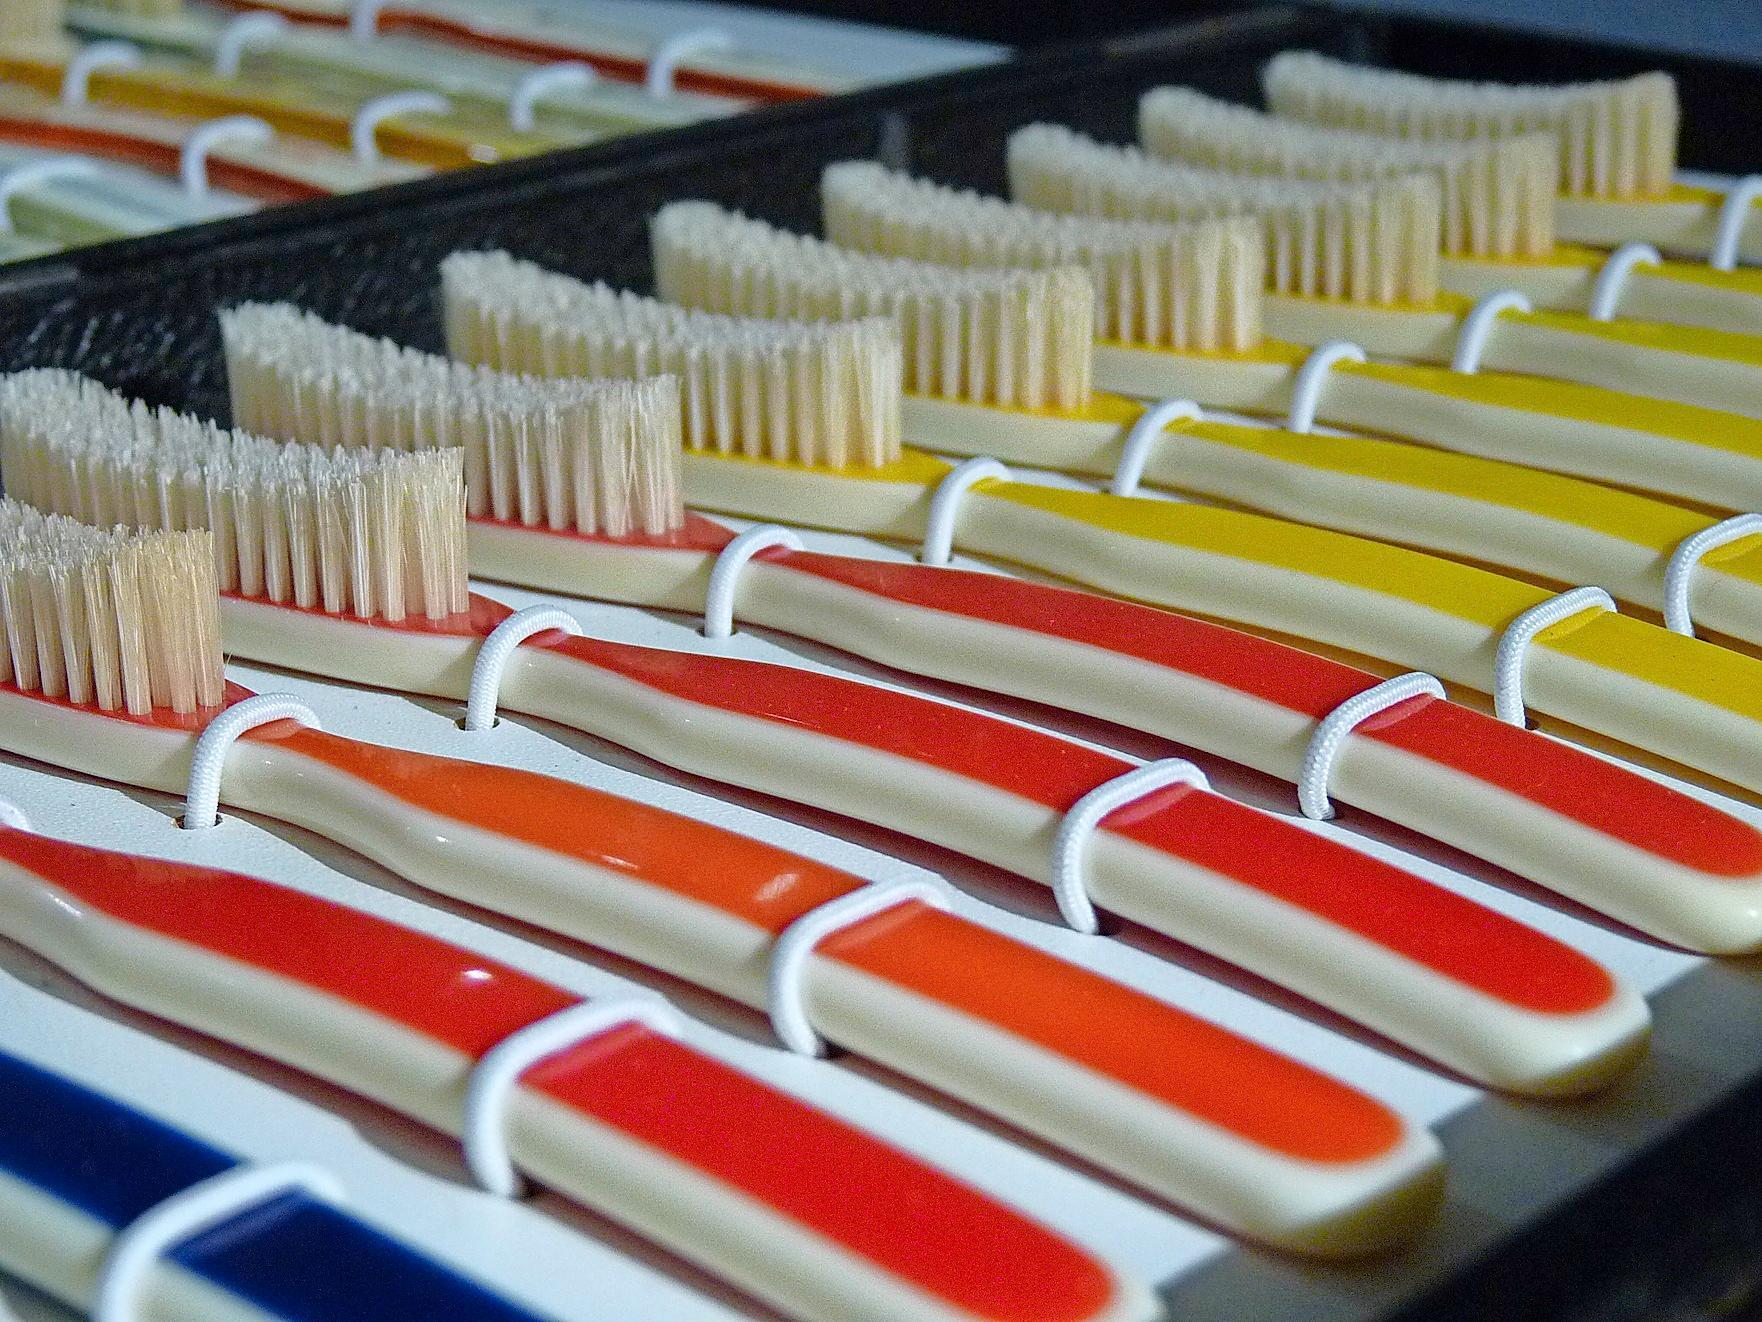 Zahnbürsten aus Todtnau haben Menschen aus aller Welt in Gebrauch.